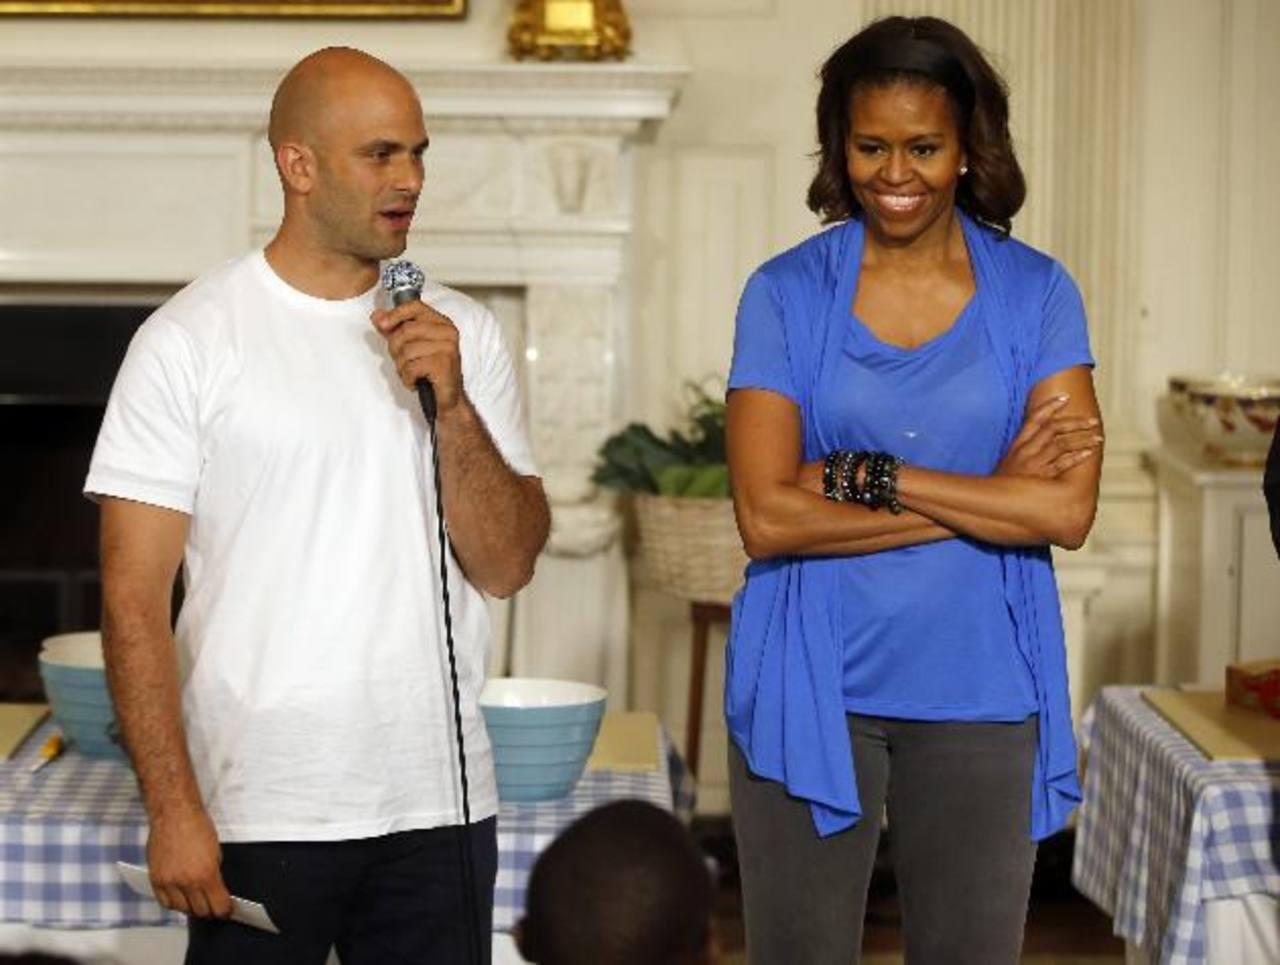 El cocinero junto a la Primera Dama de Estados Unidos